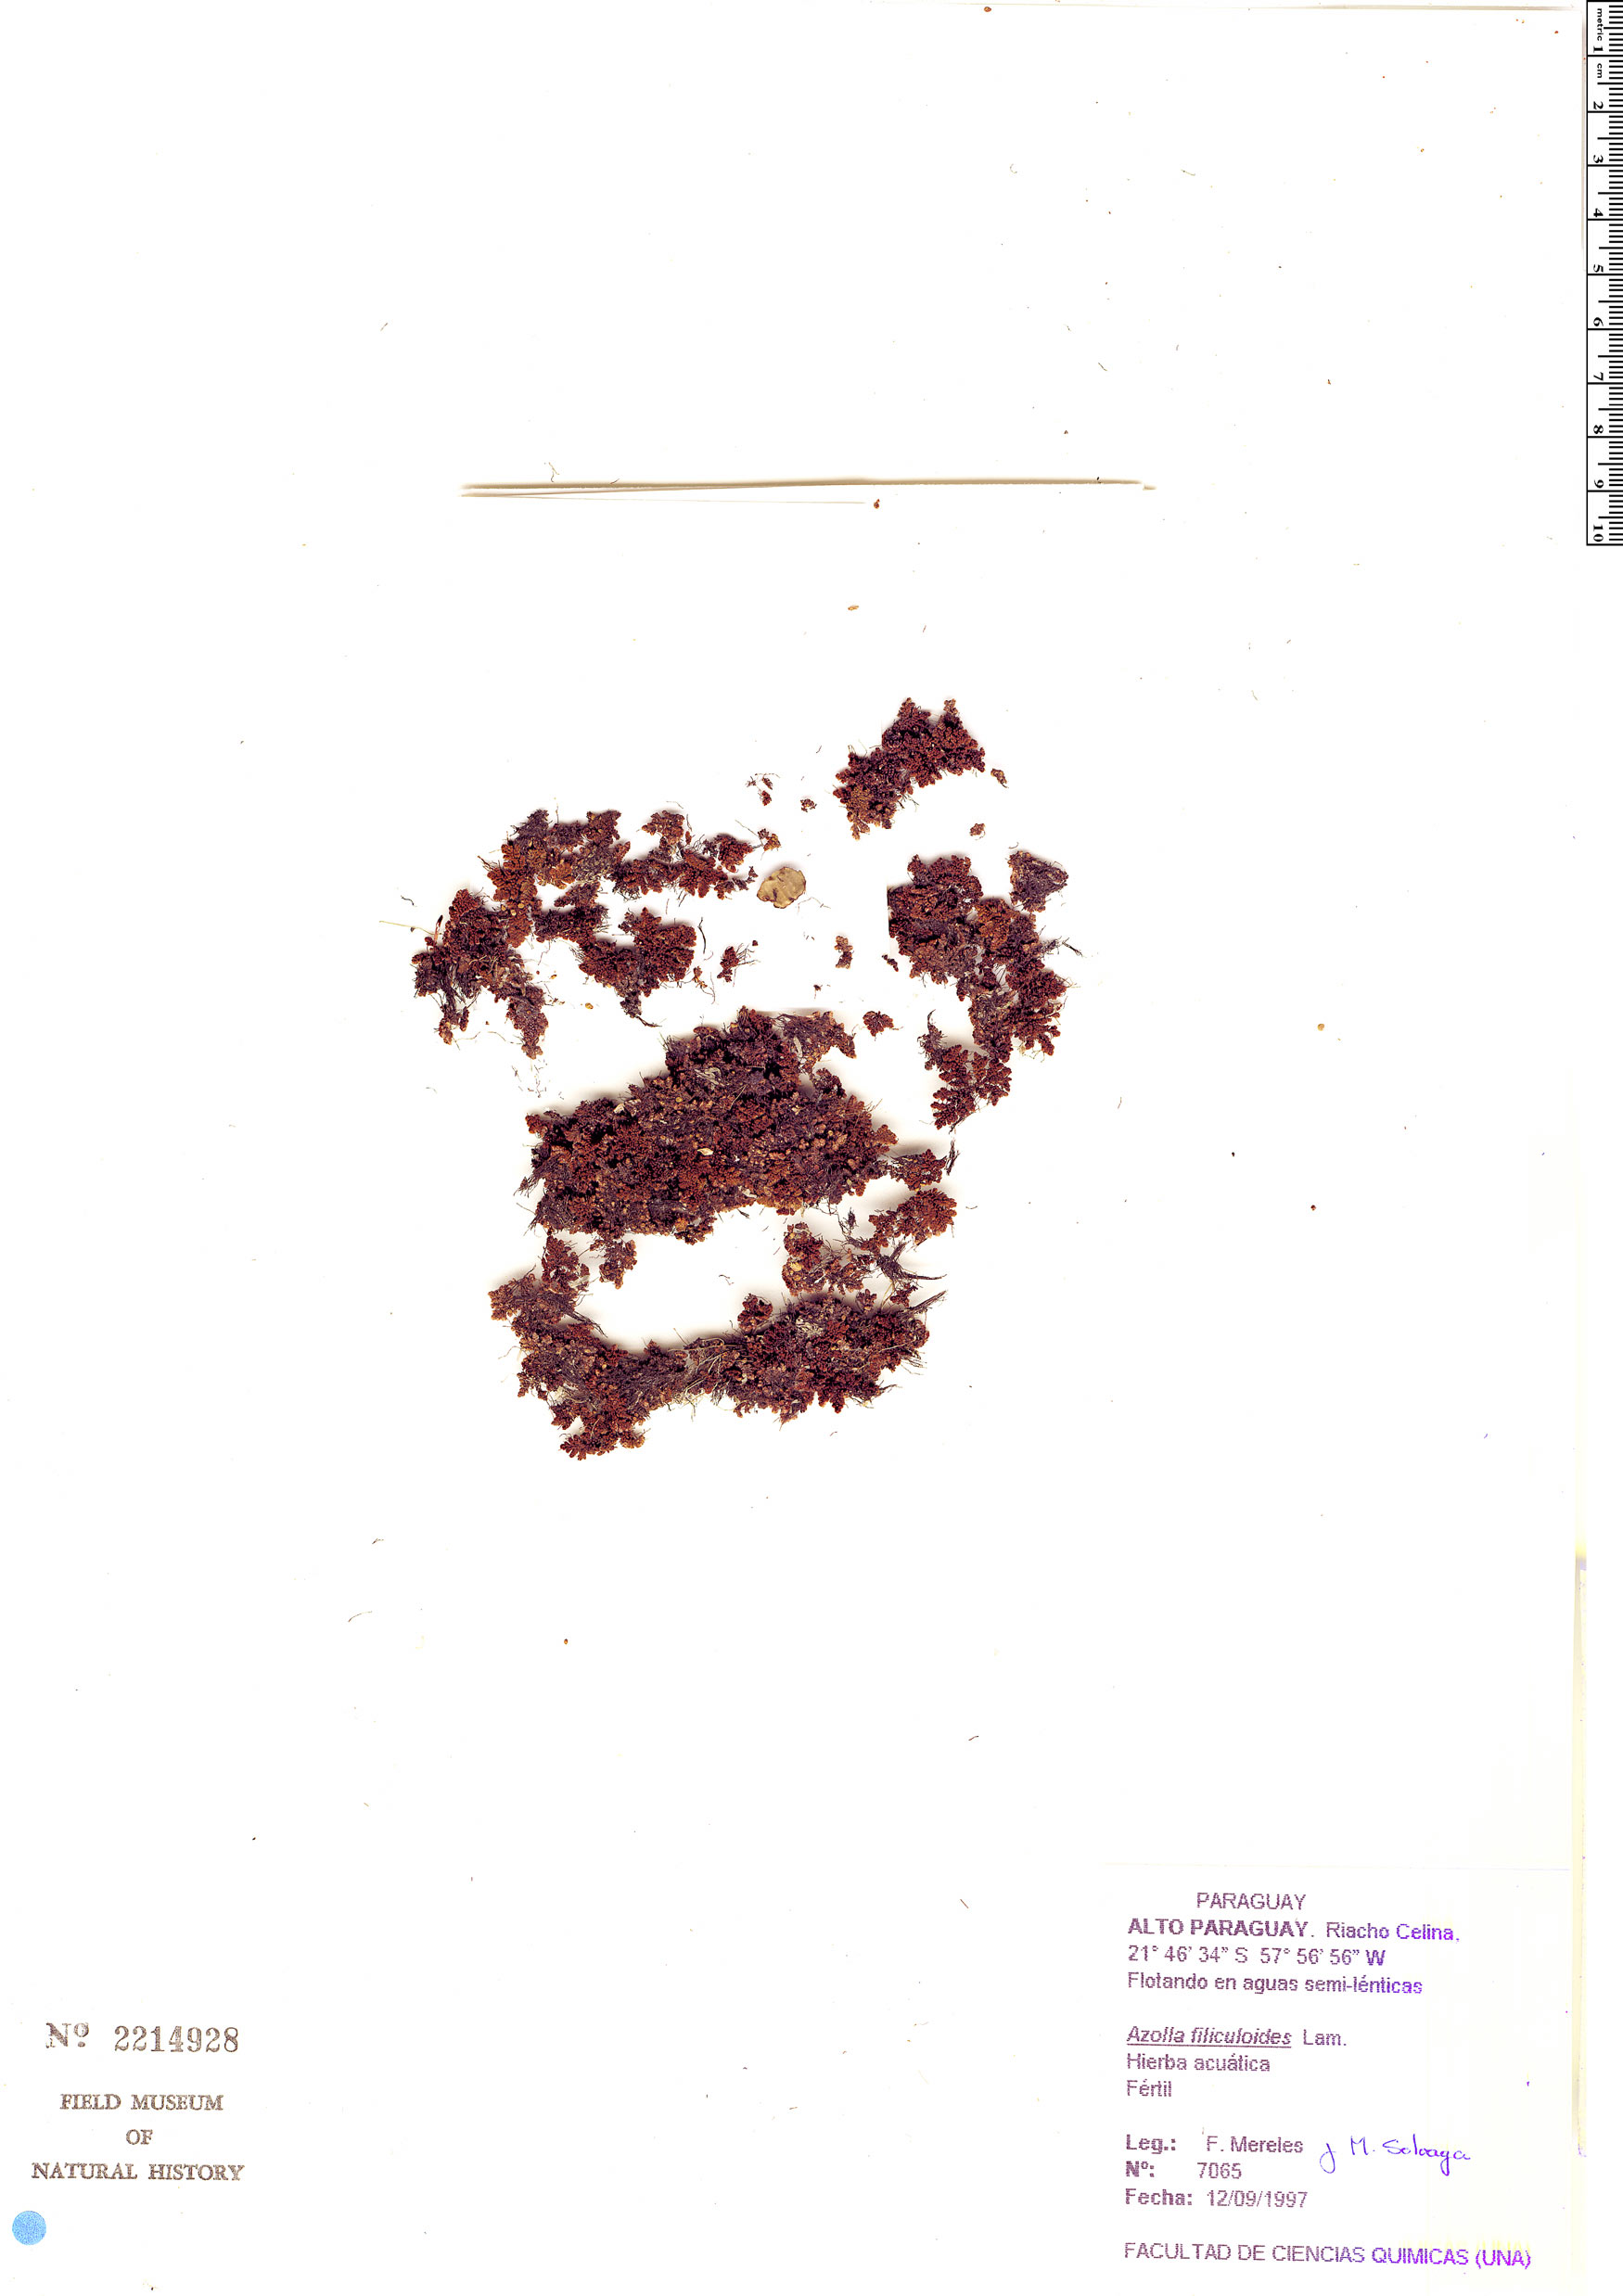 Specimen: Azolla filiculoides